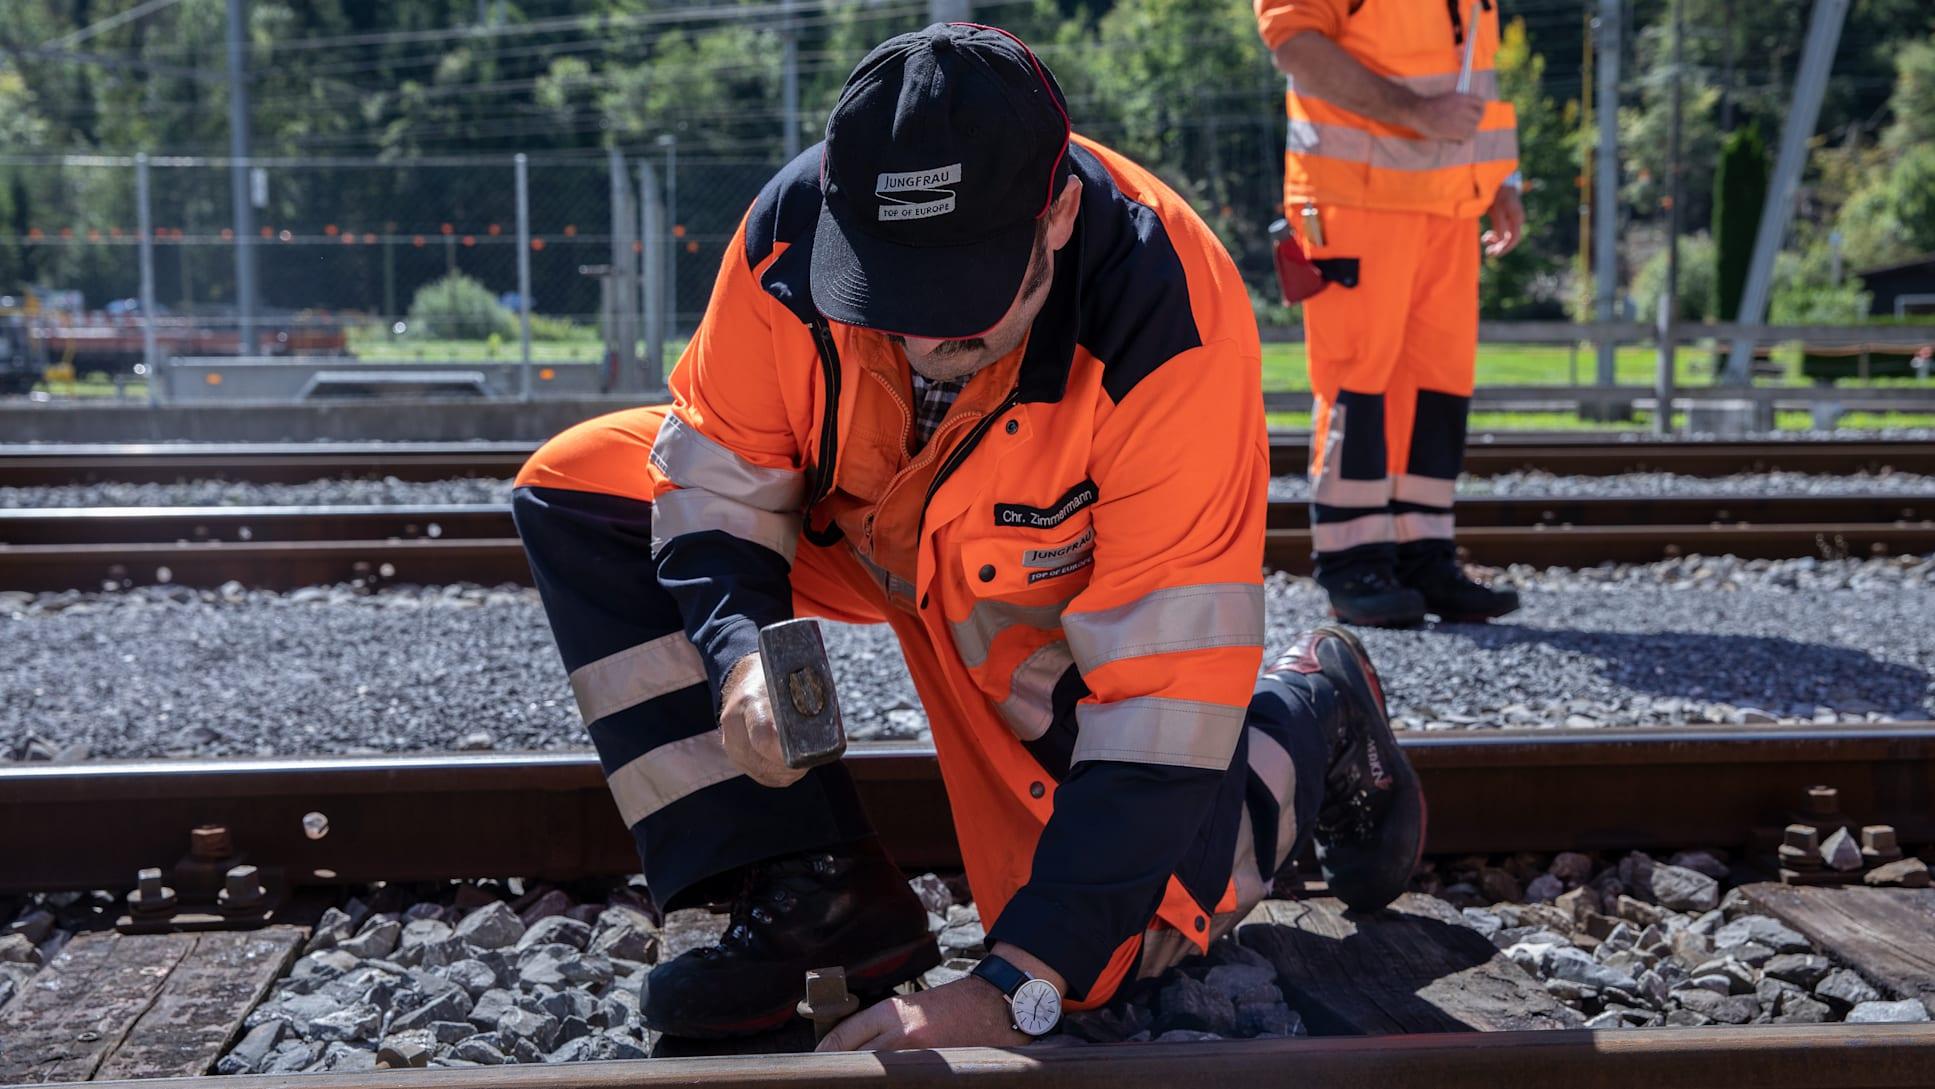 Gleisbauer Jungfraubahnen Streit Martin 2